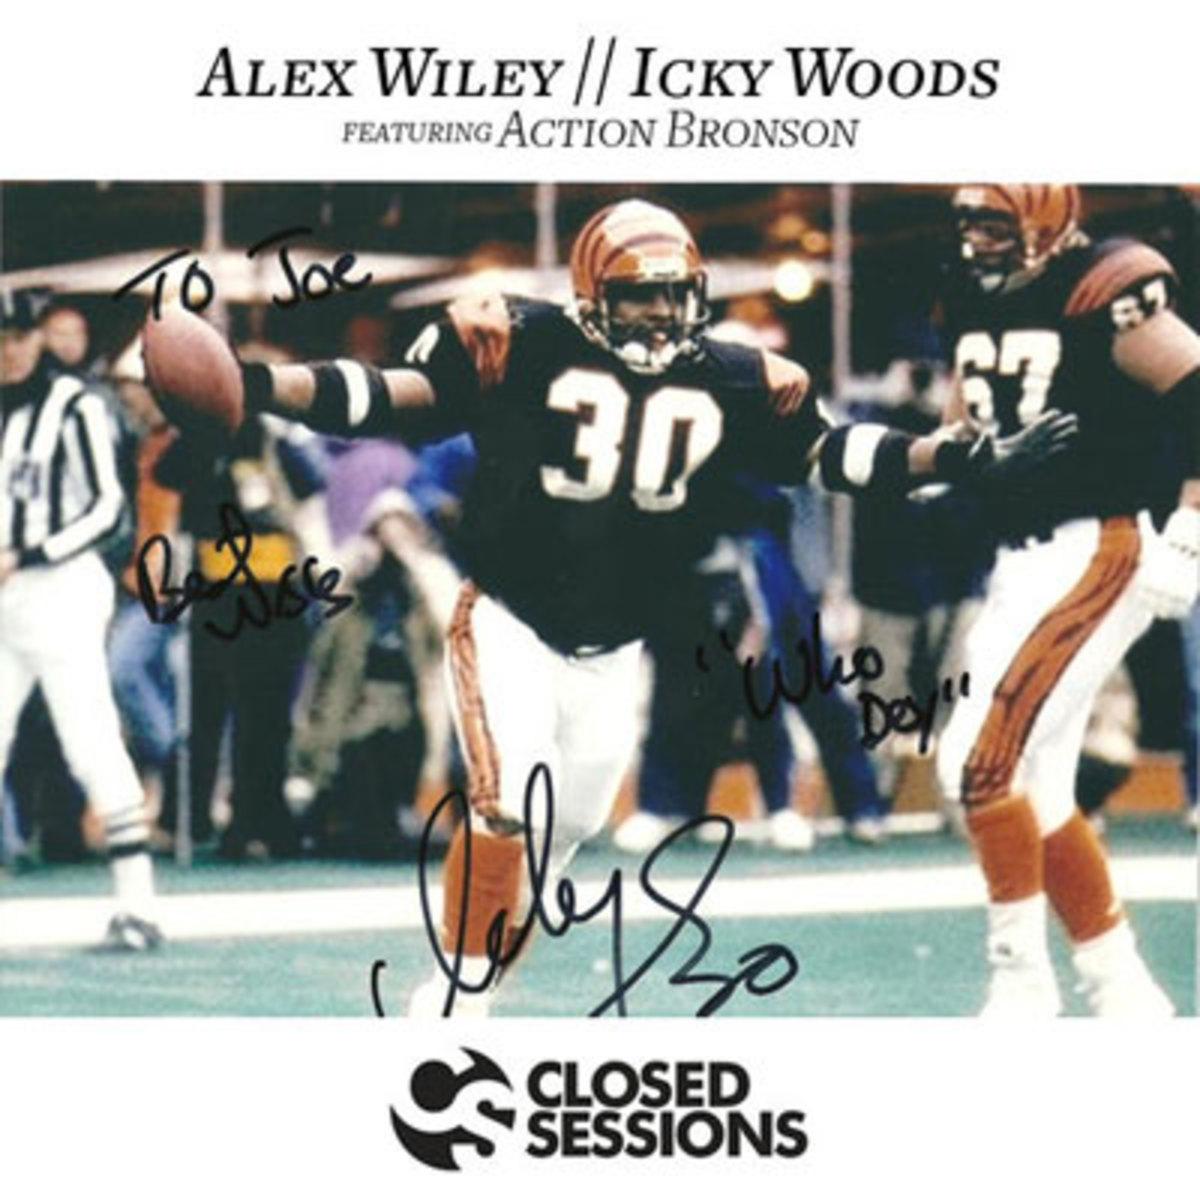 alexwiley-ickywoods.jpg